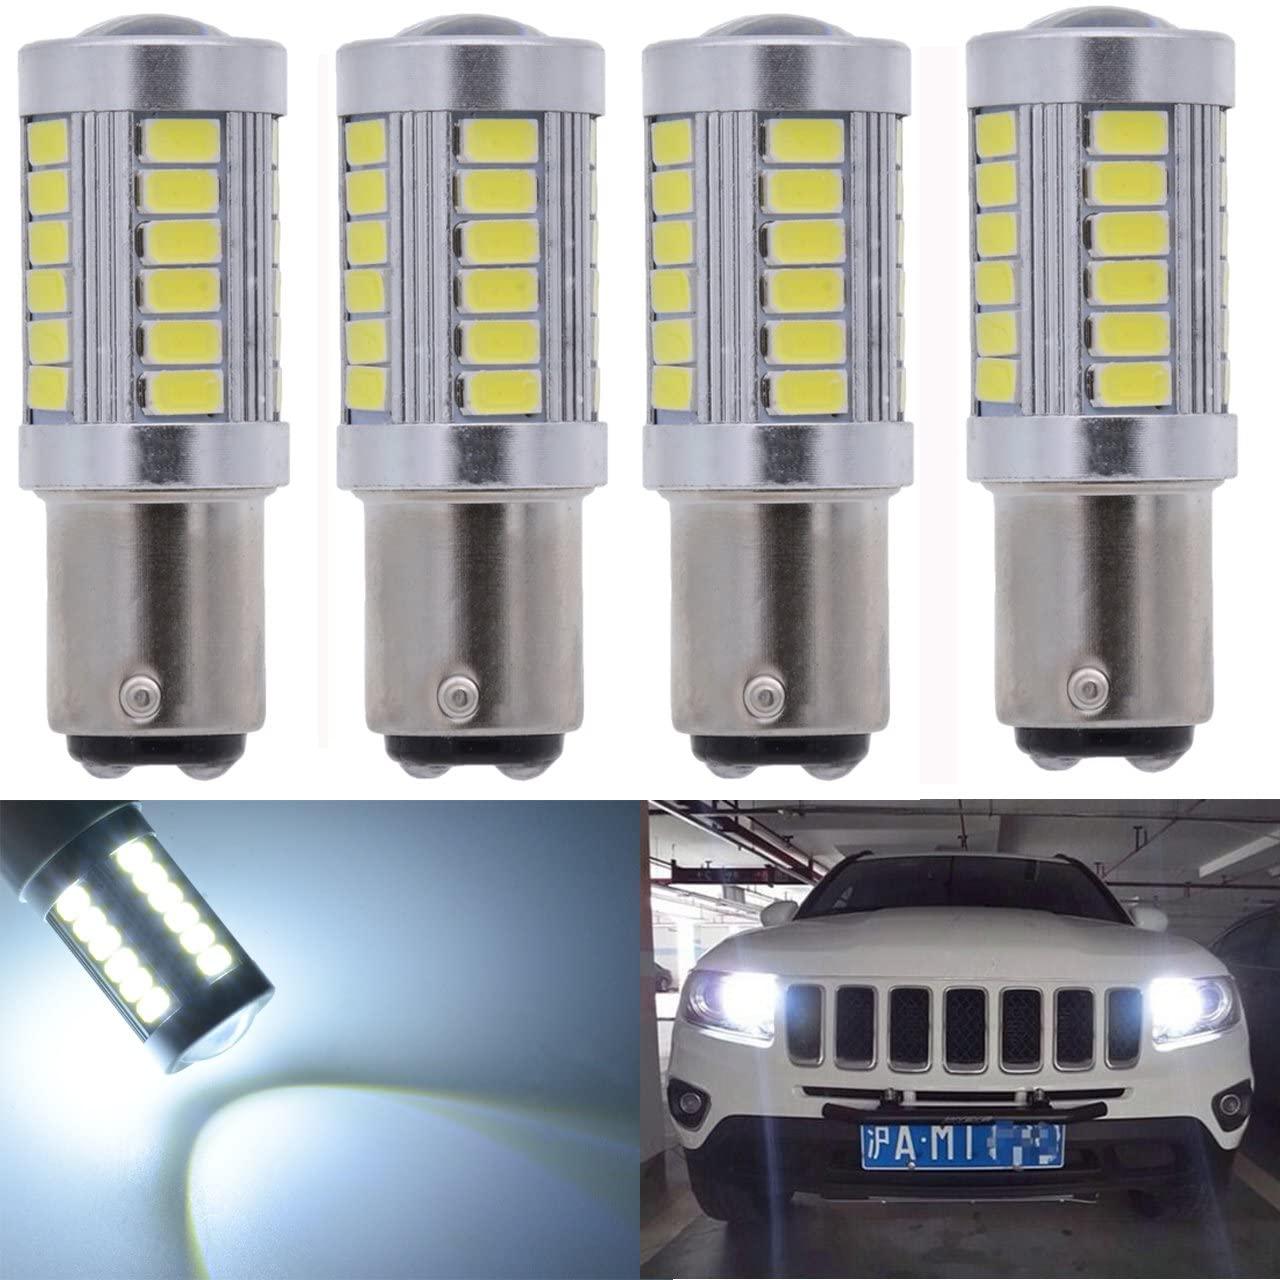 KATUR 4-Pack Super White 950Lums 1157 BAY15D 1016 1034 1196 2057 2357 Base 33 SMD 5050 LED Replacement for Car Incandescence Bulb RV Camper Brake Turn Lamp Lights DC 12V 6500K